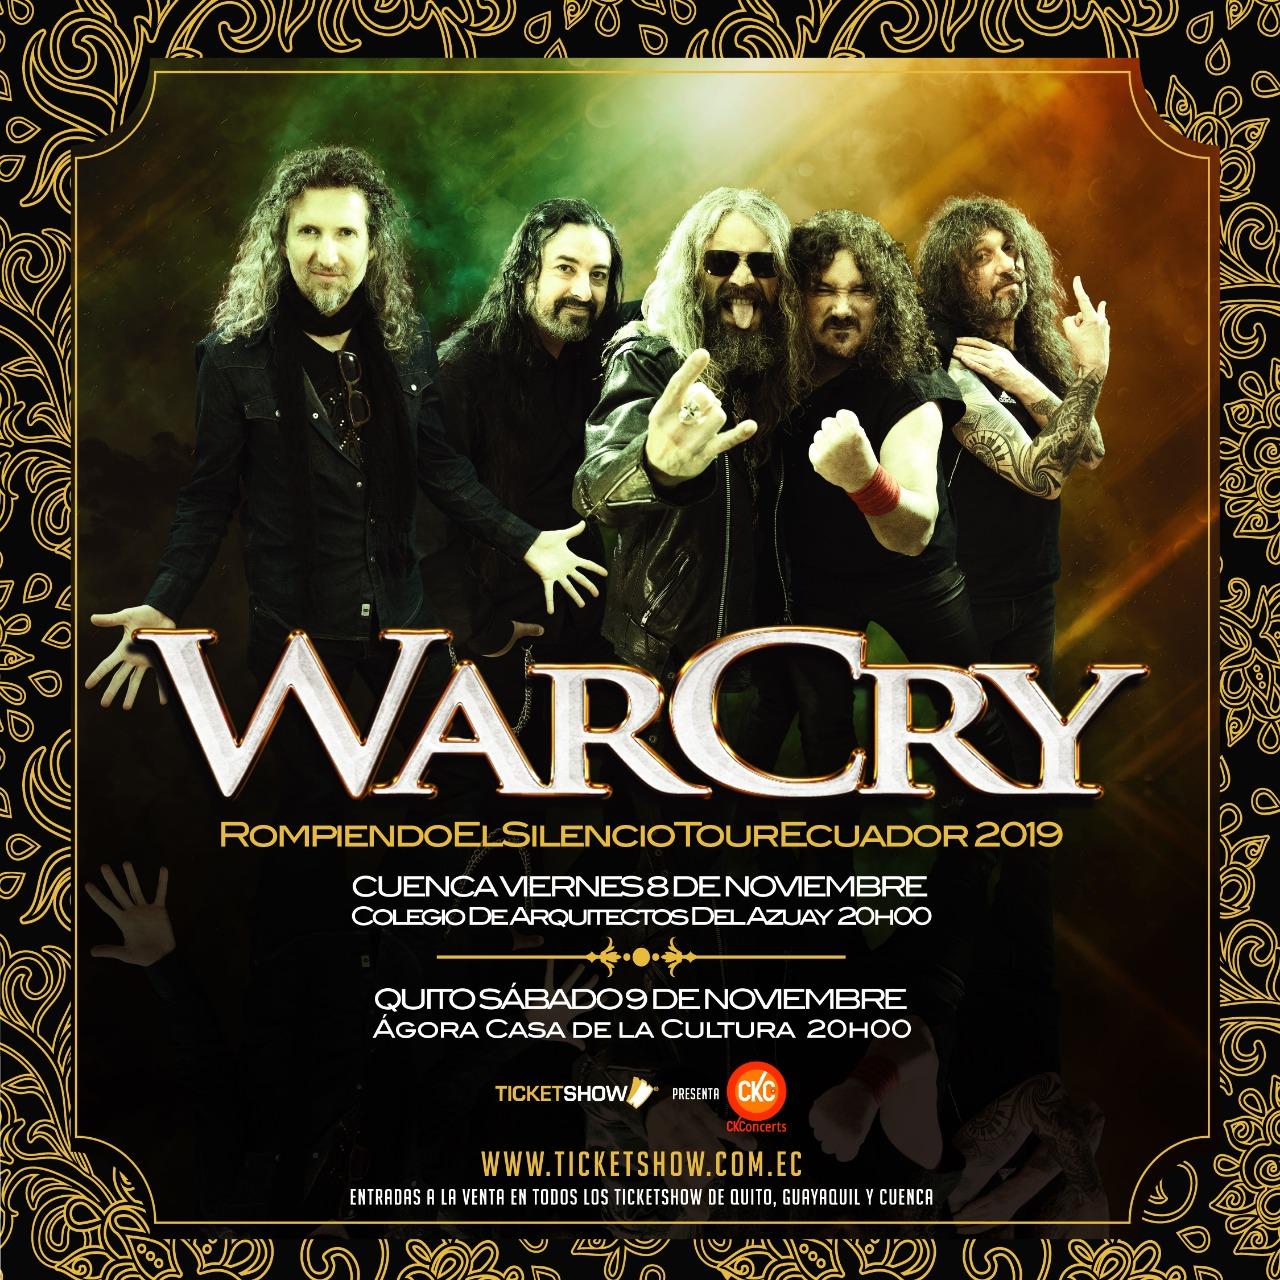 WARCRY ECUADOR